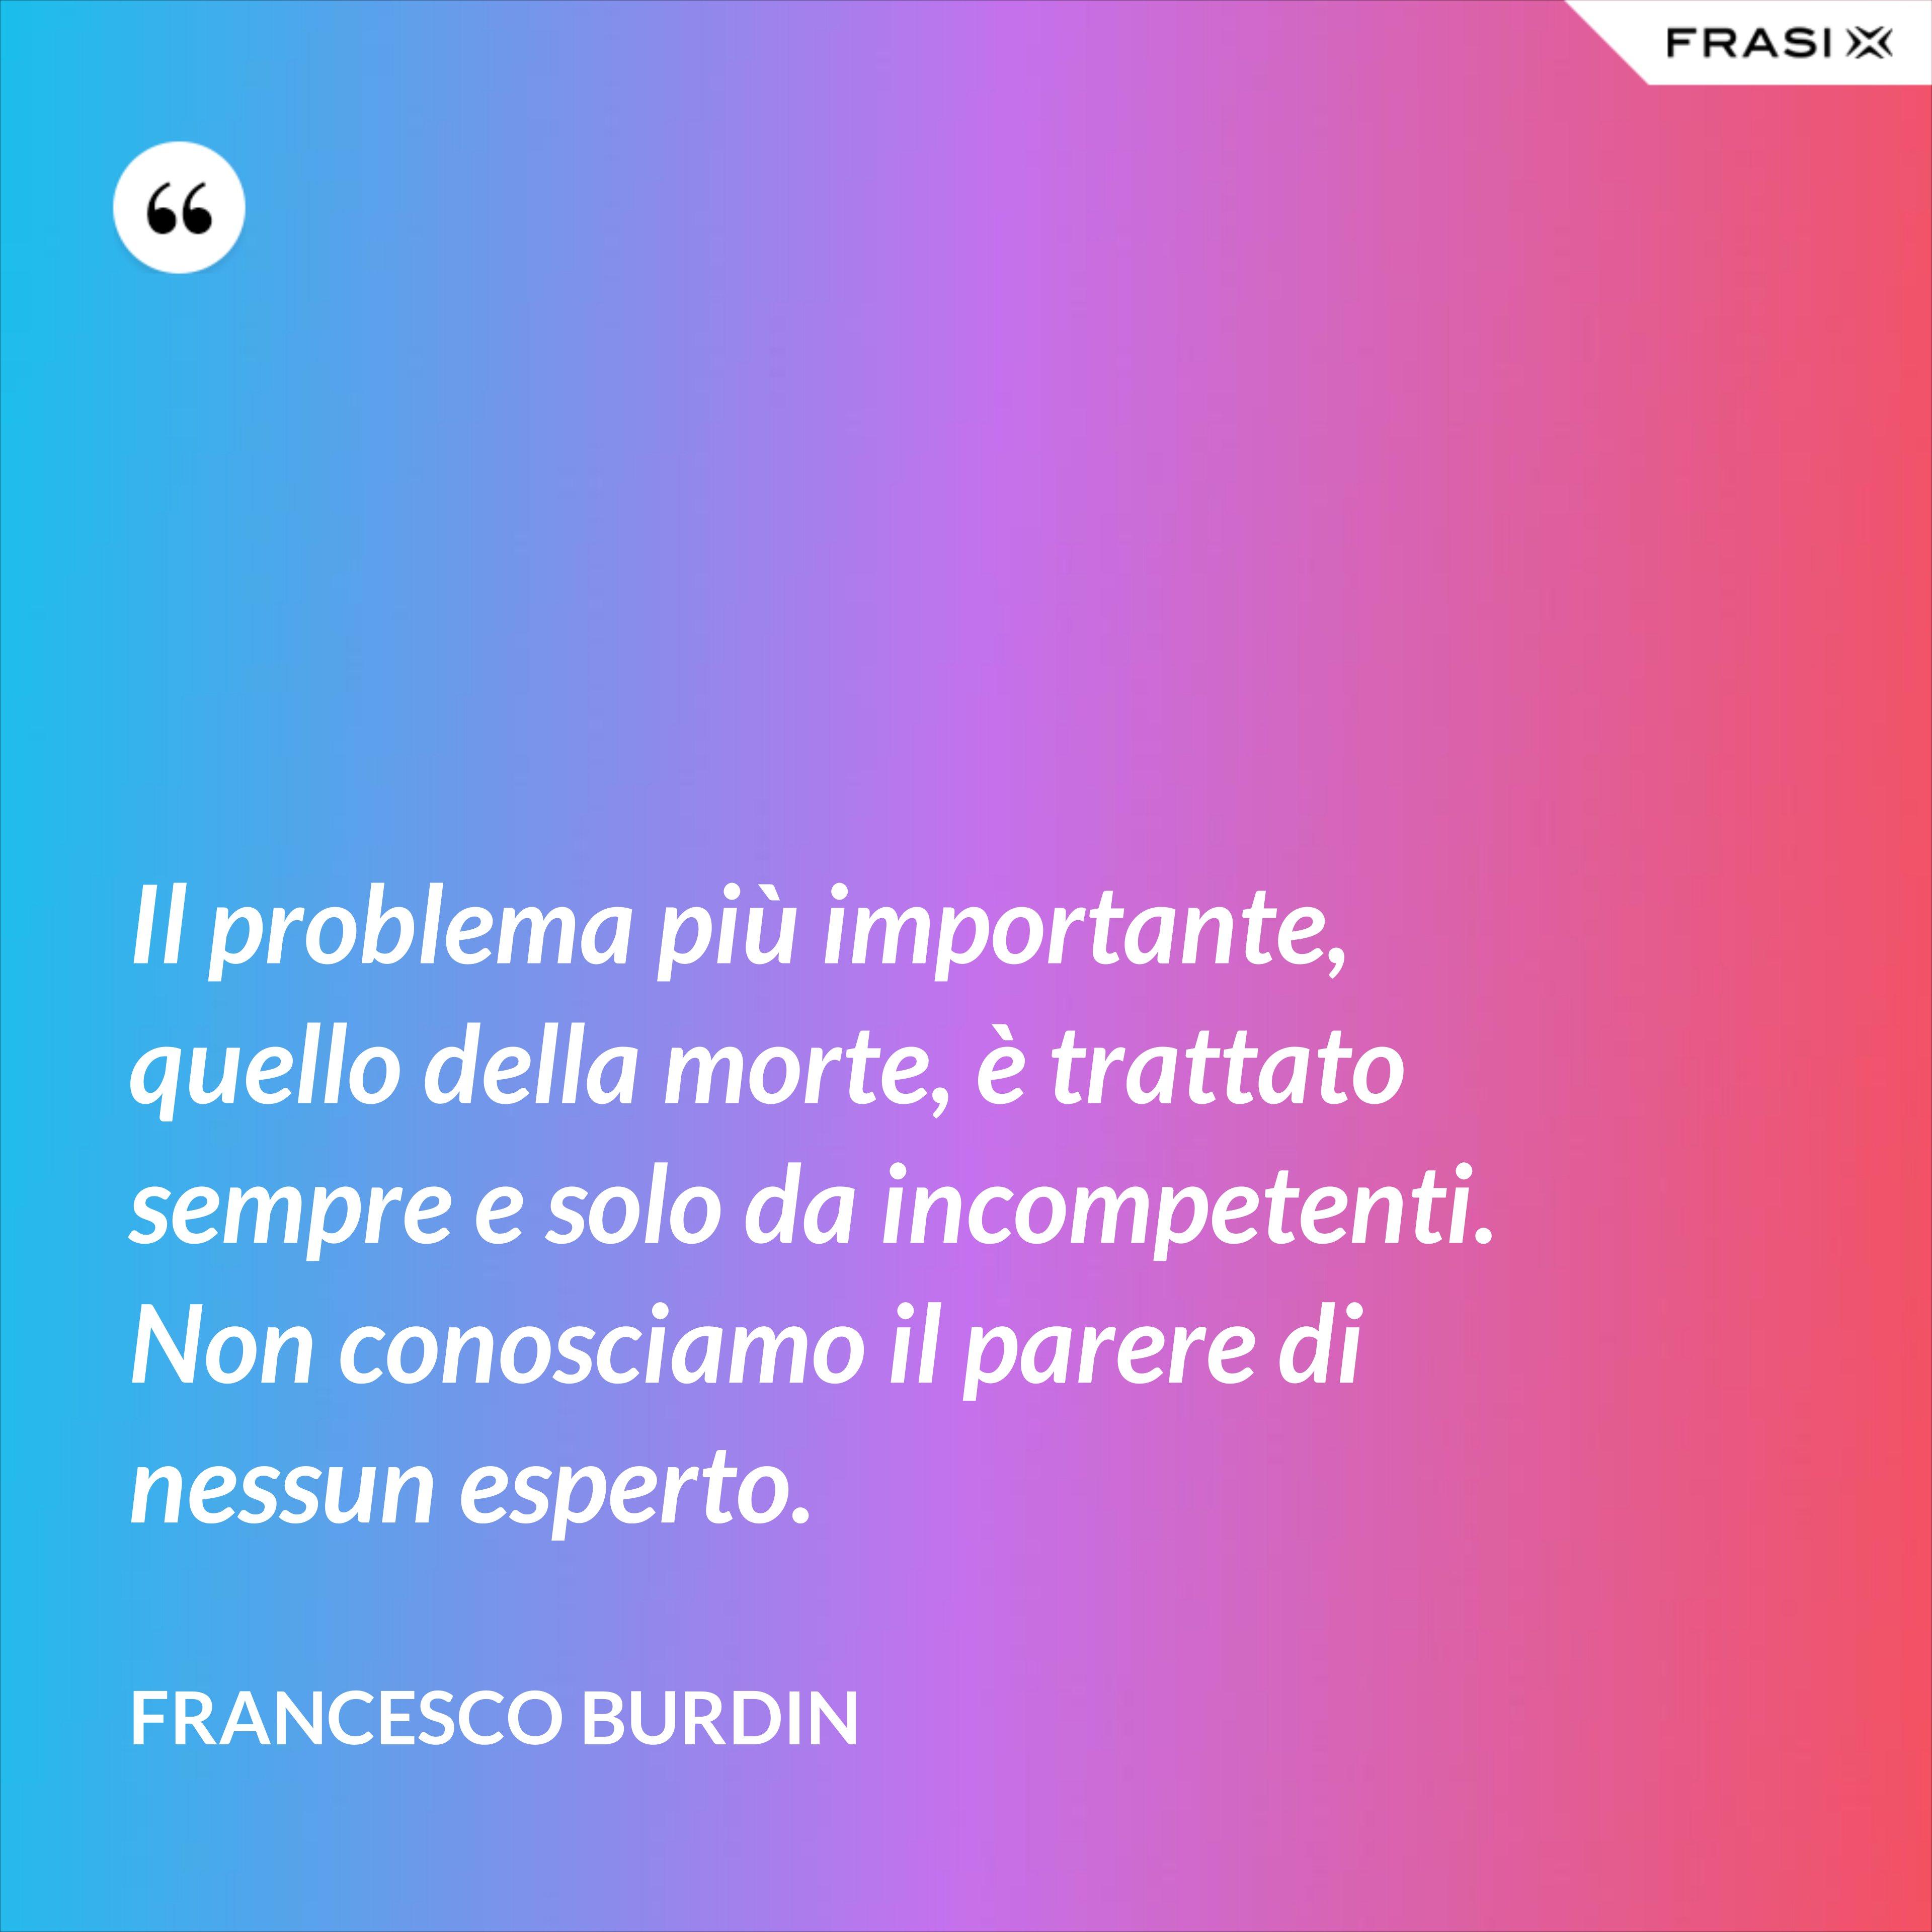 Il problema più importante, quello della morte, è trattato sempre e solo da incompetenti. Non conosciamo il parere di nessun esperto. - Francesco Burdin